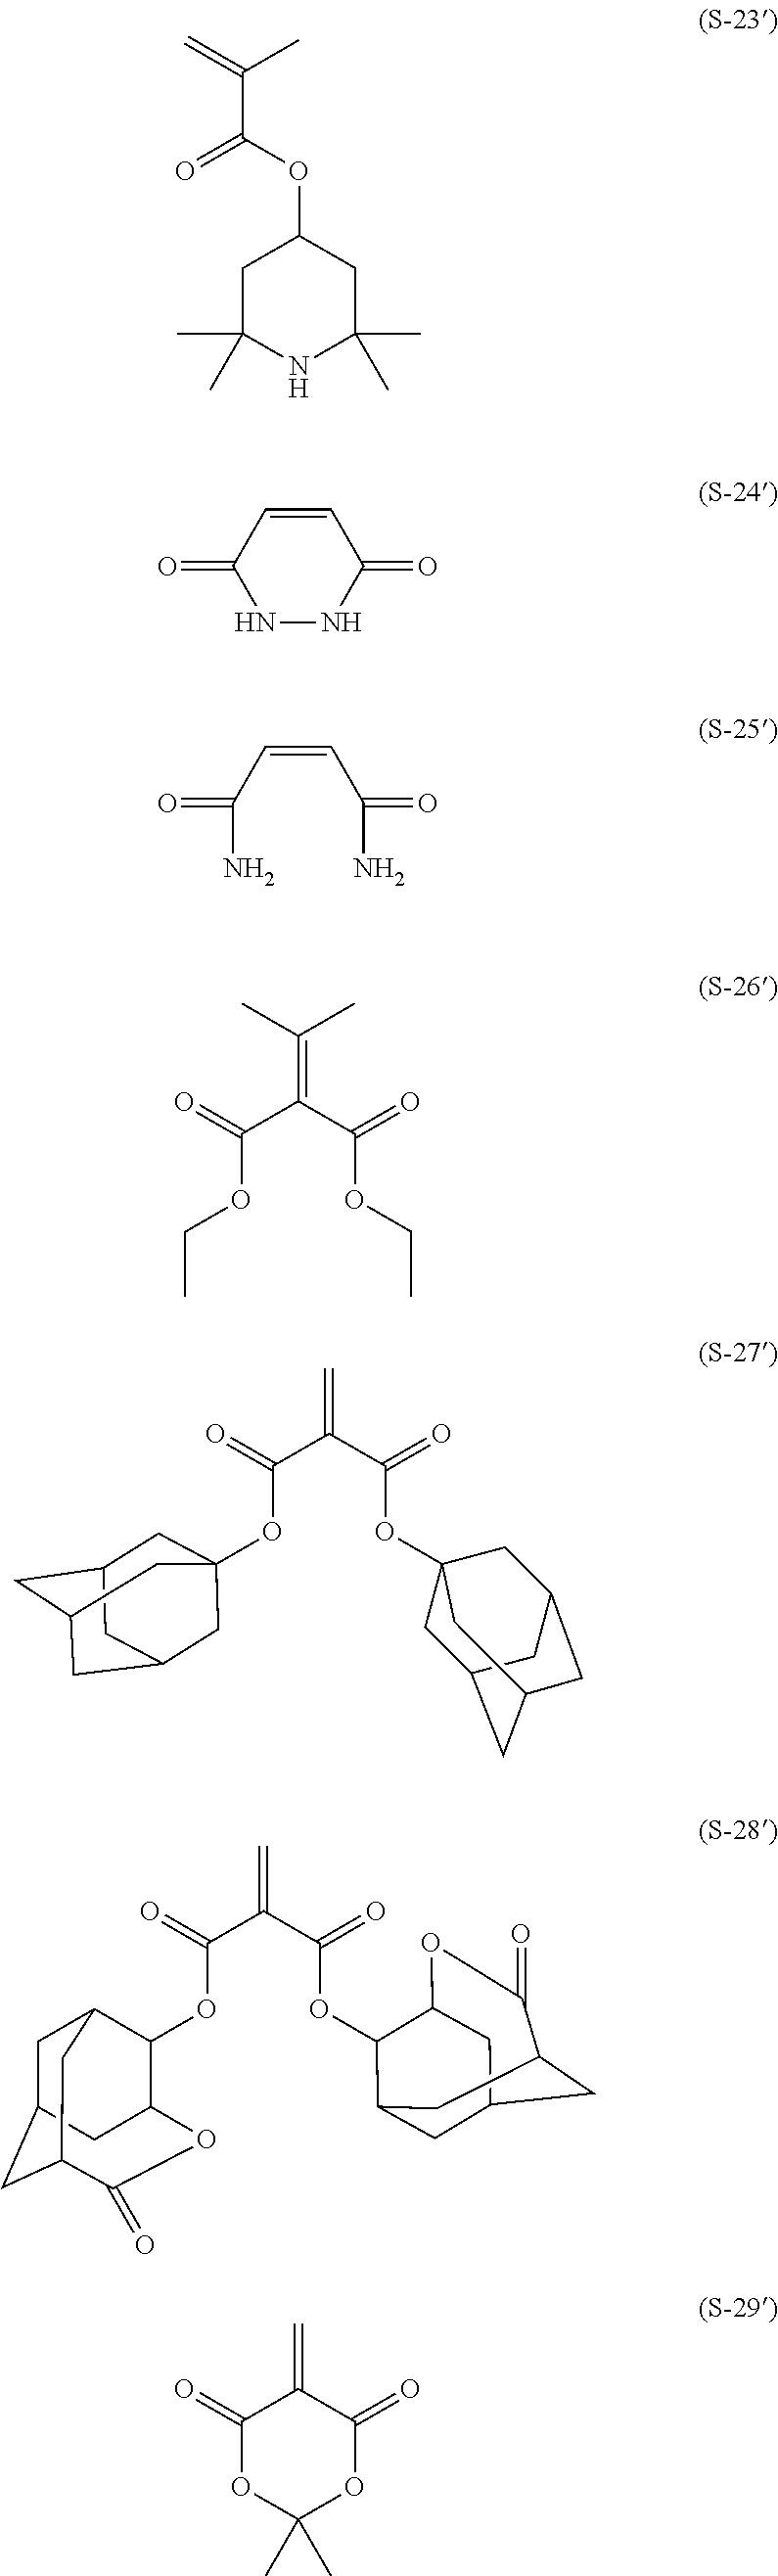 Figure US09477149-20161025-C00040